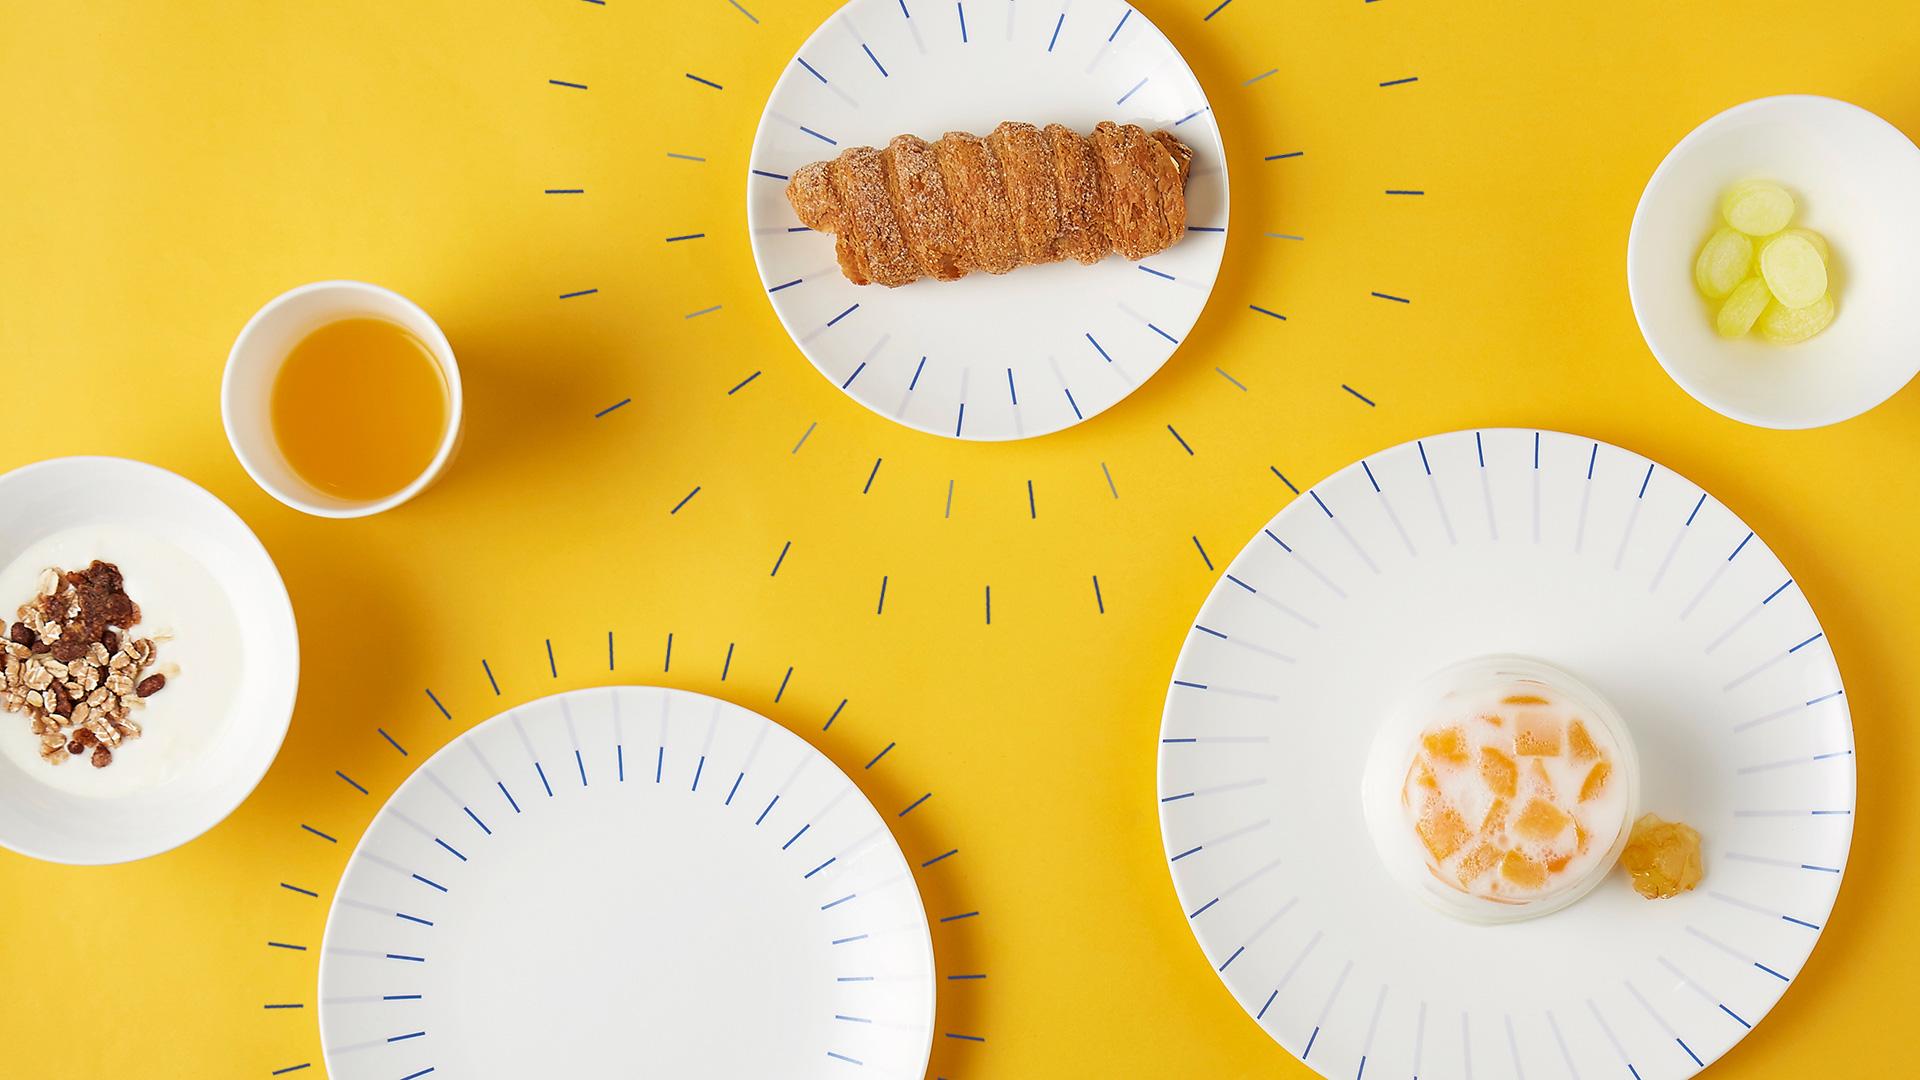 赏心悦目的食器就是餐桌上跃动的音符,让一餐简食哪怕一杯斋咖都变得有旋律可循。?x-oss-process=image/format,jpg/interlace,1